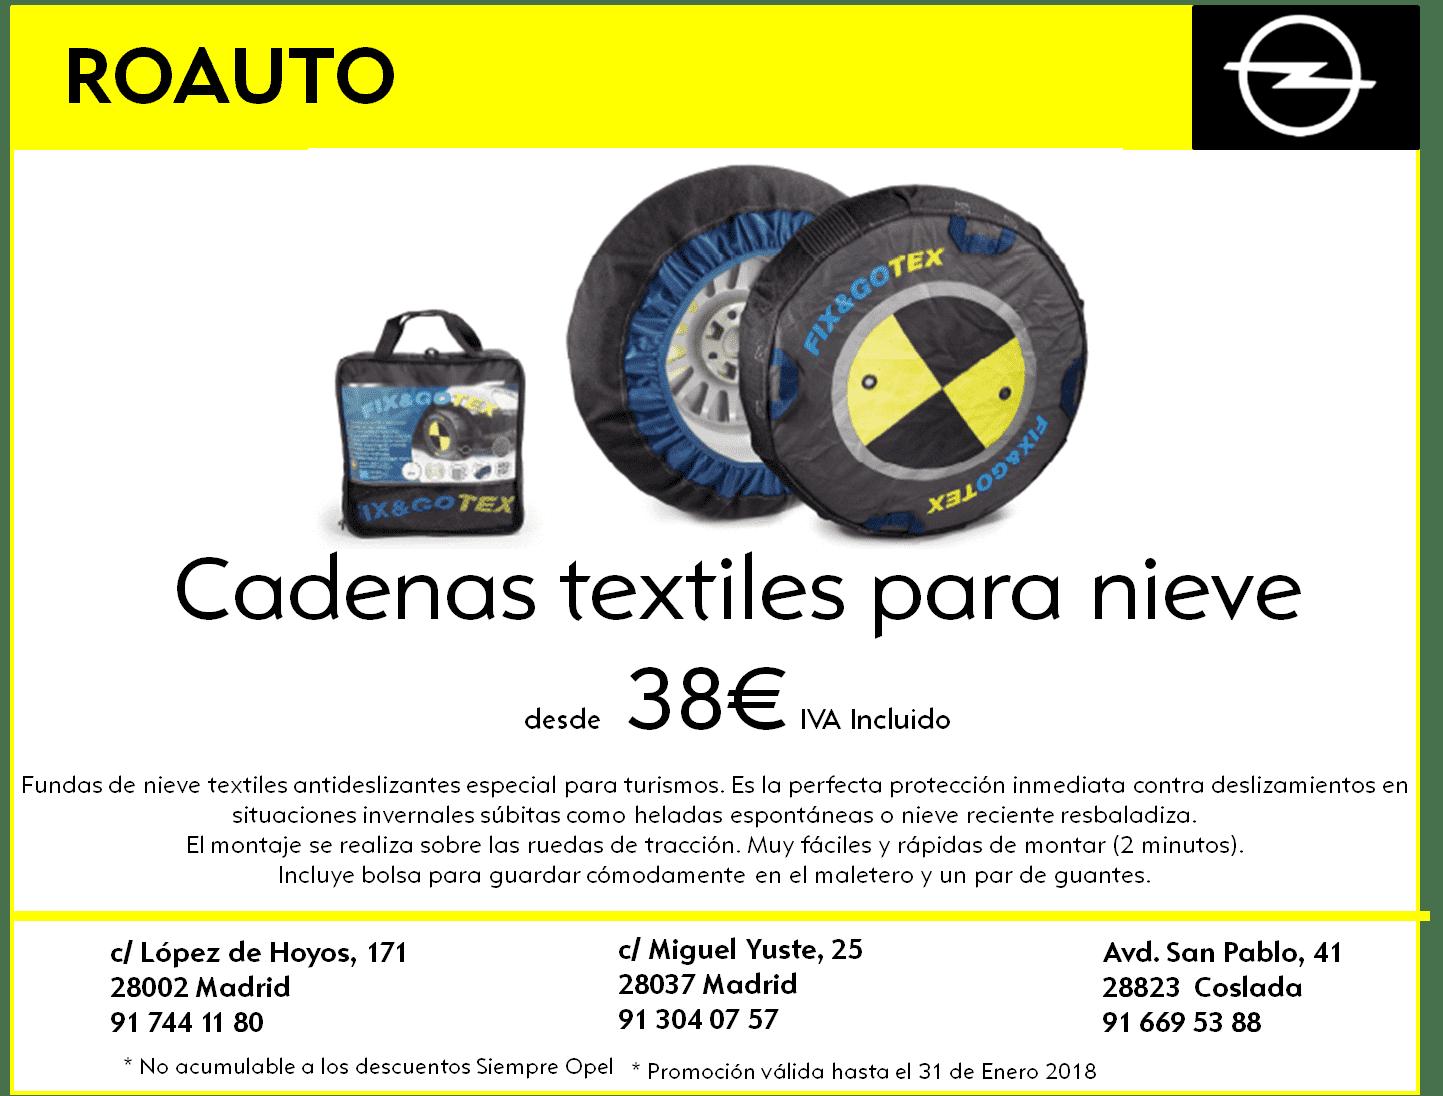 Cadenas textiles para nieve desde 38€ IVA Incluido